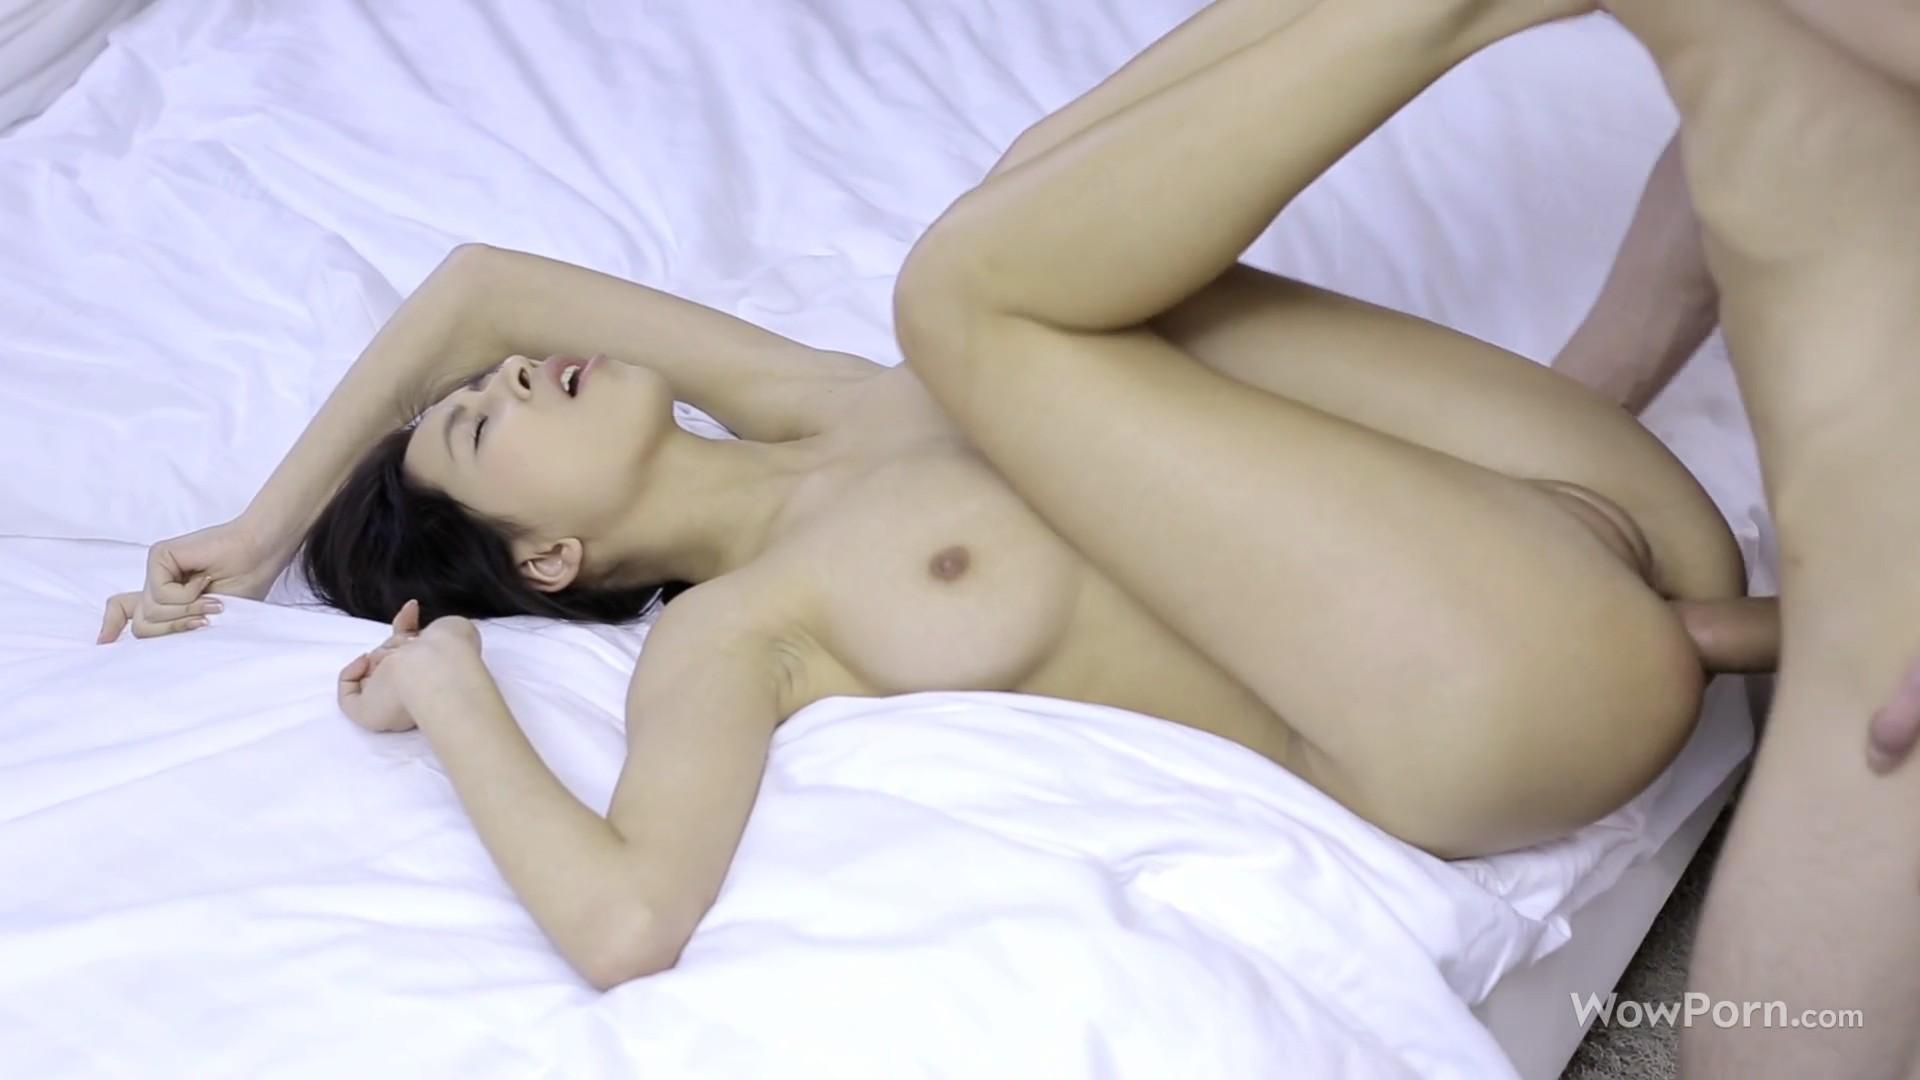 Wow porn paula shy